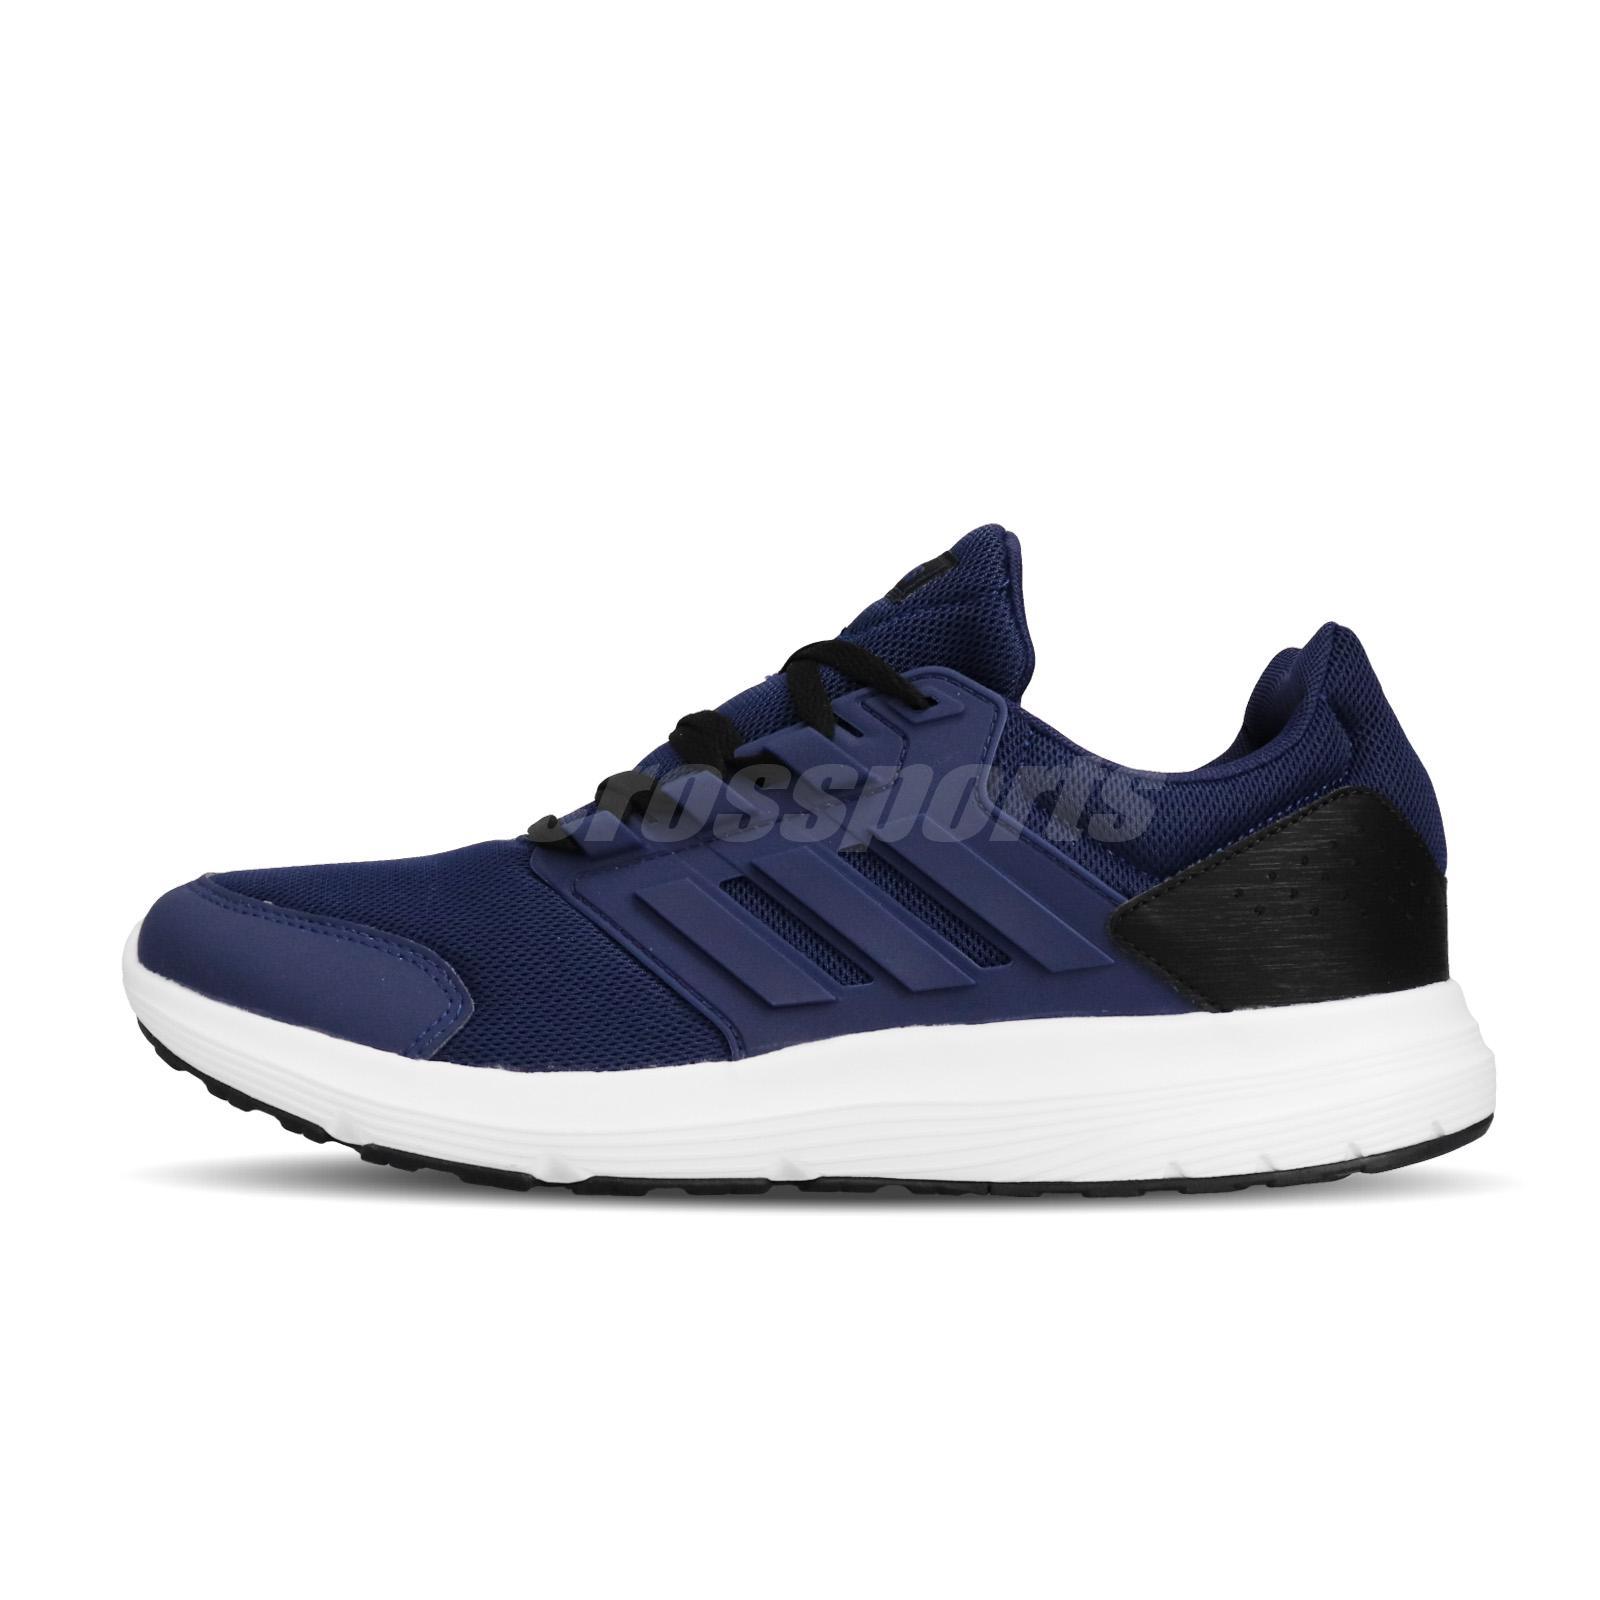 Neu Details about adidas Galaxy 4 Dark Blue Black White Men